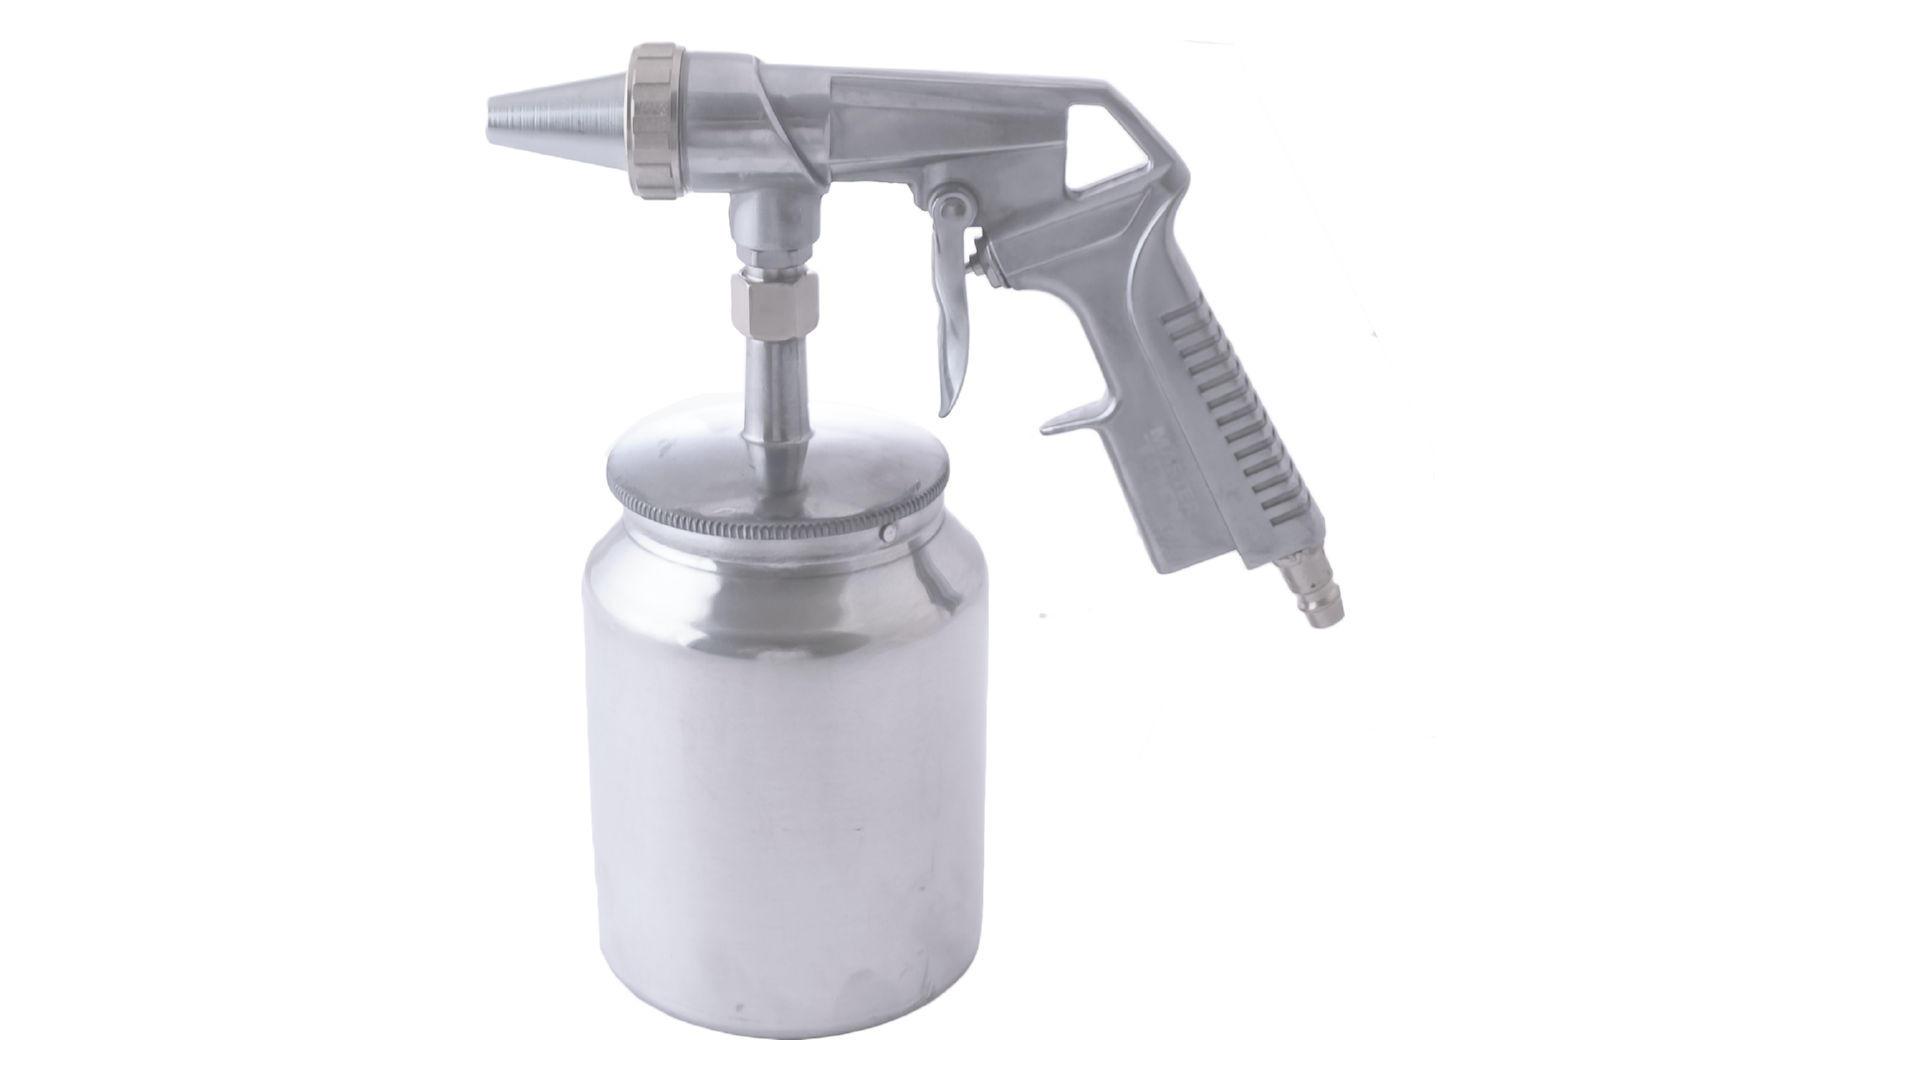 Пневмопистолет пескоструйный Mastertool - 1000 мл x 6 мм конус 5